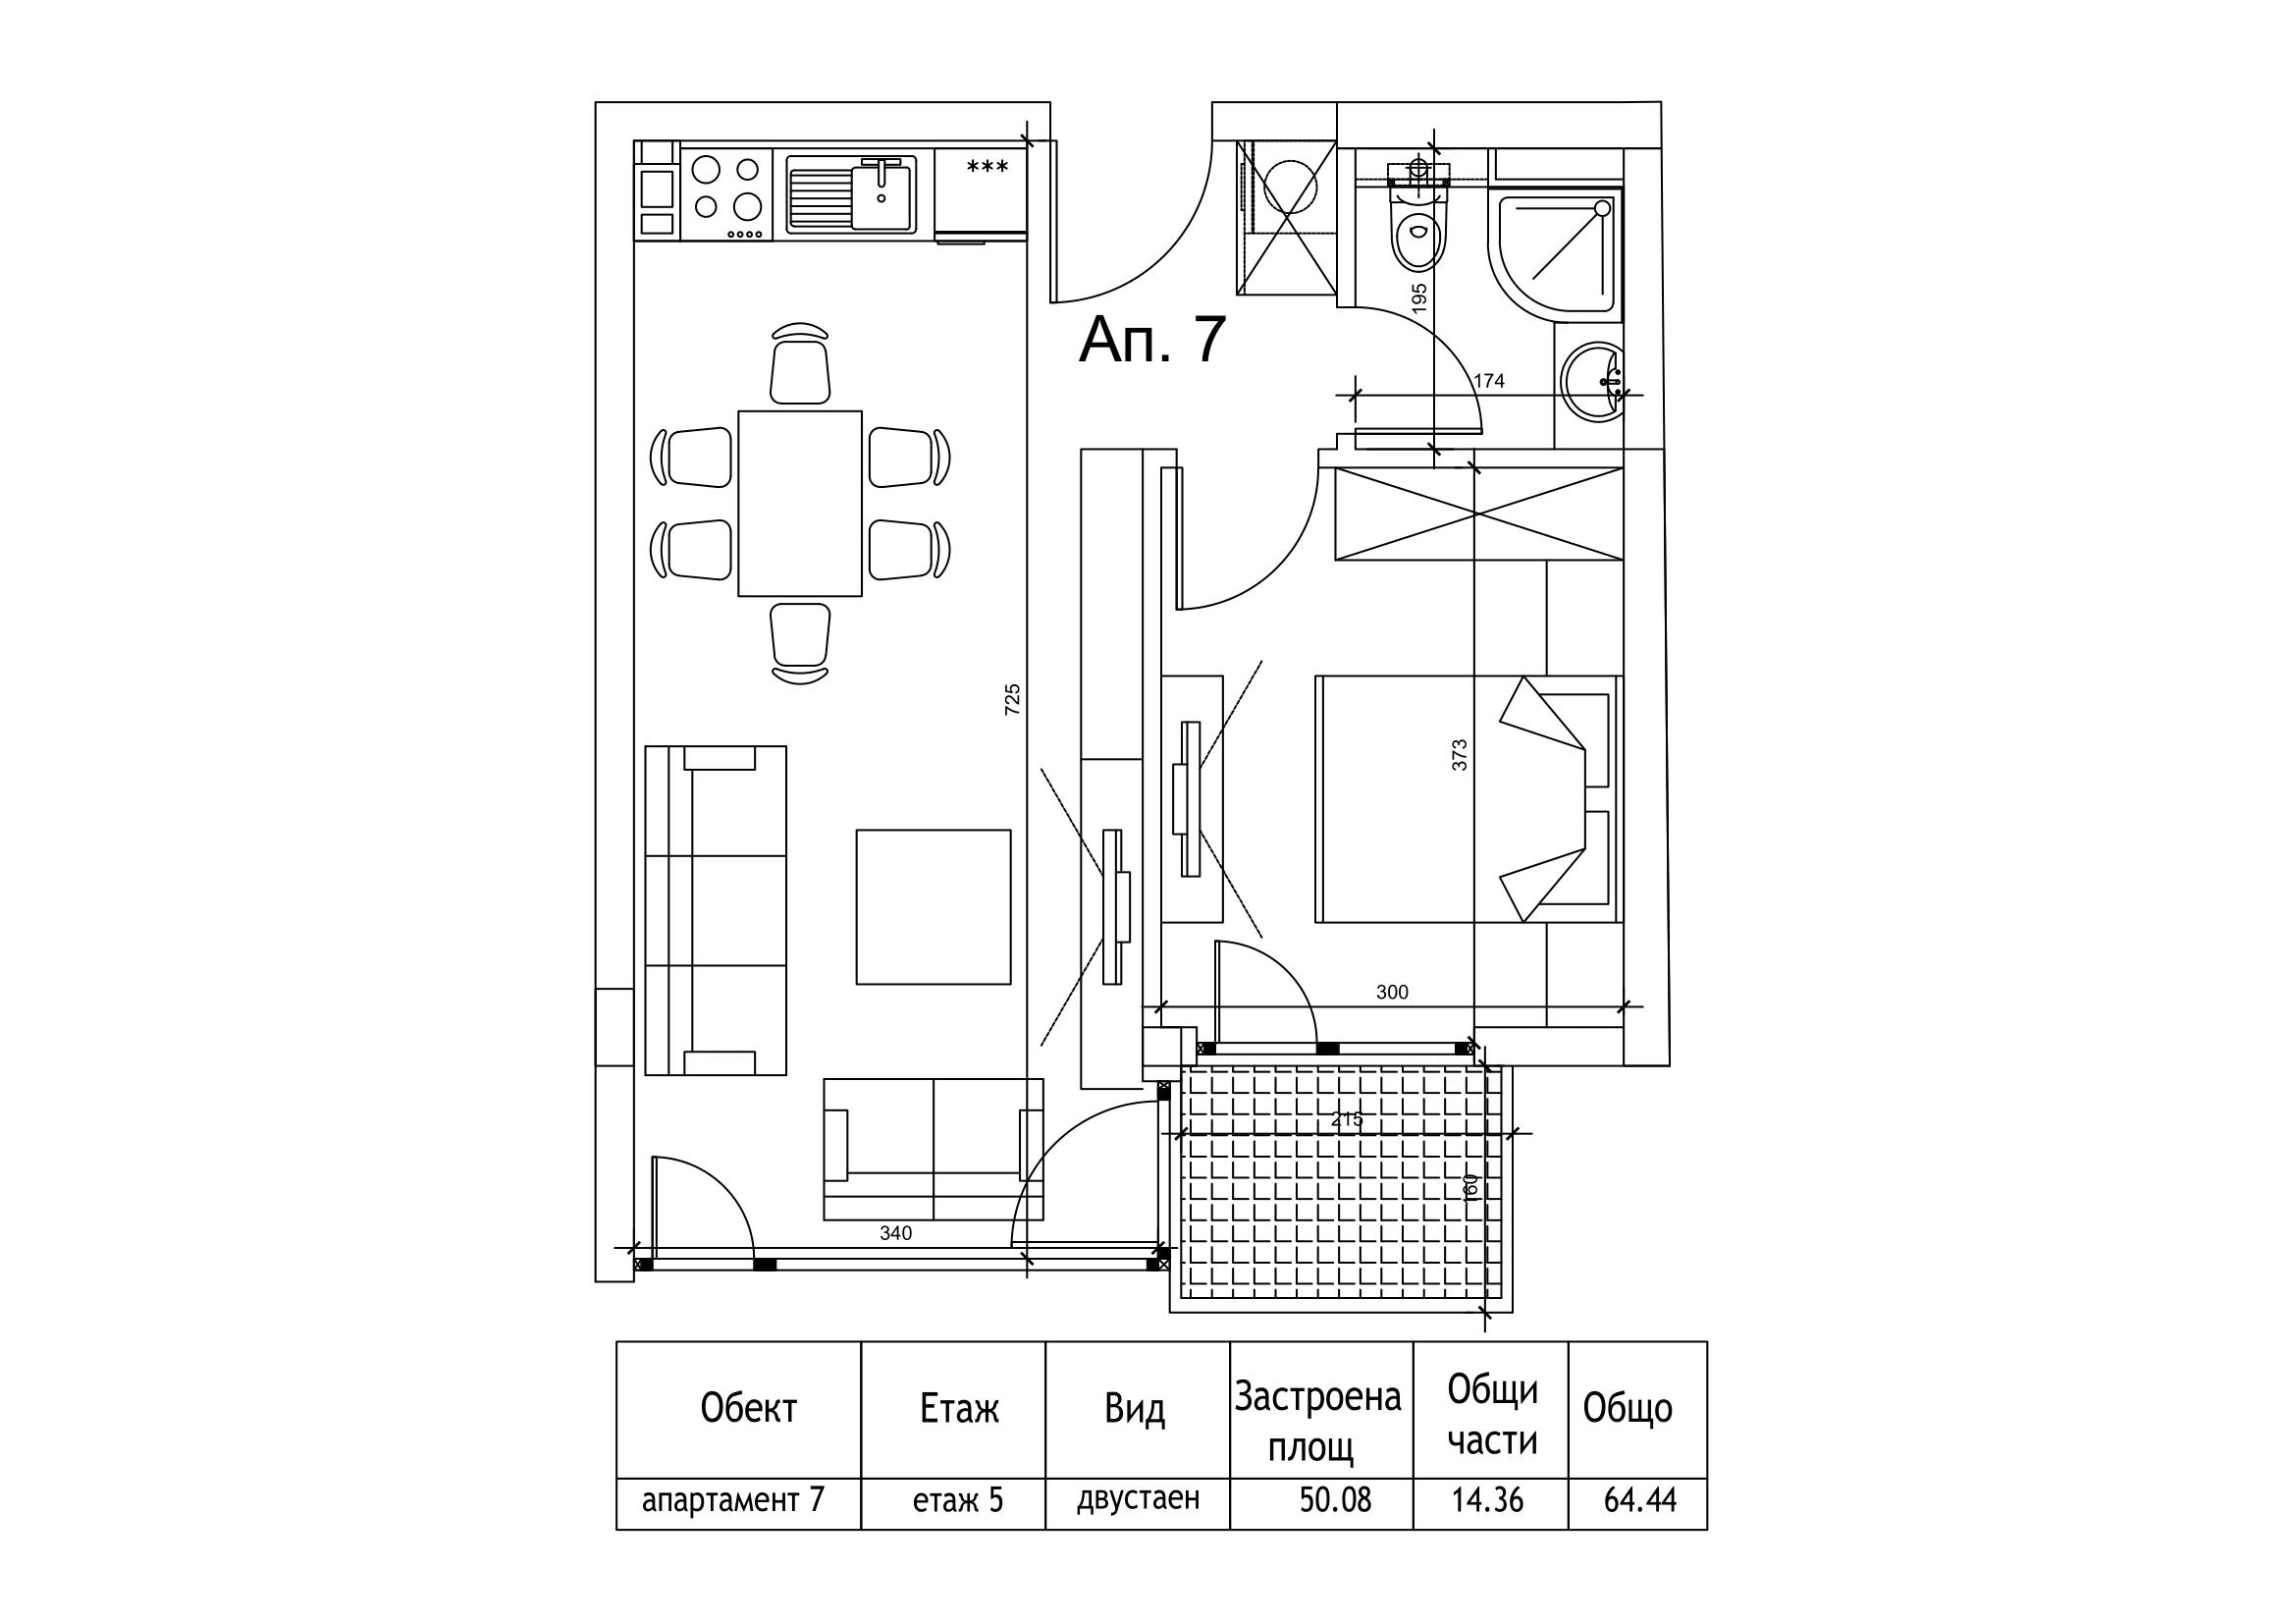 Двустаен апартамент в кв. Бели брези, ул. Хайдушка гора, гр. София, 65 кв.м.